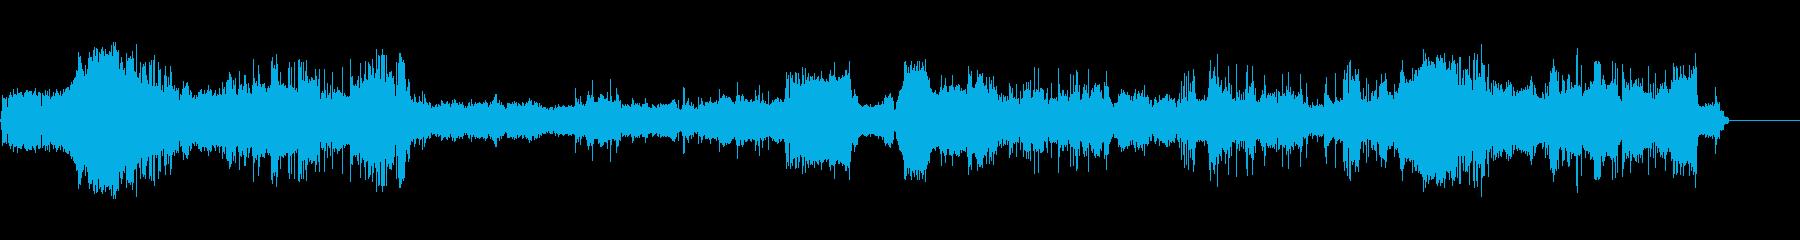 コンピューターインテリアBの再生済みの波形